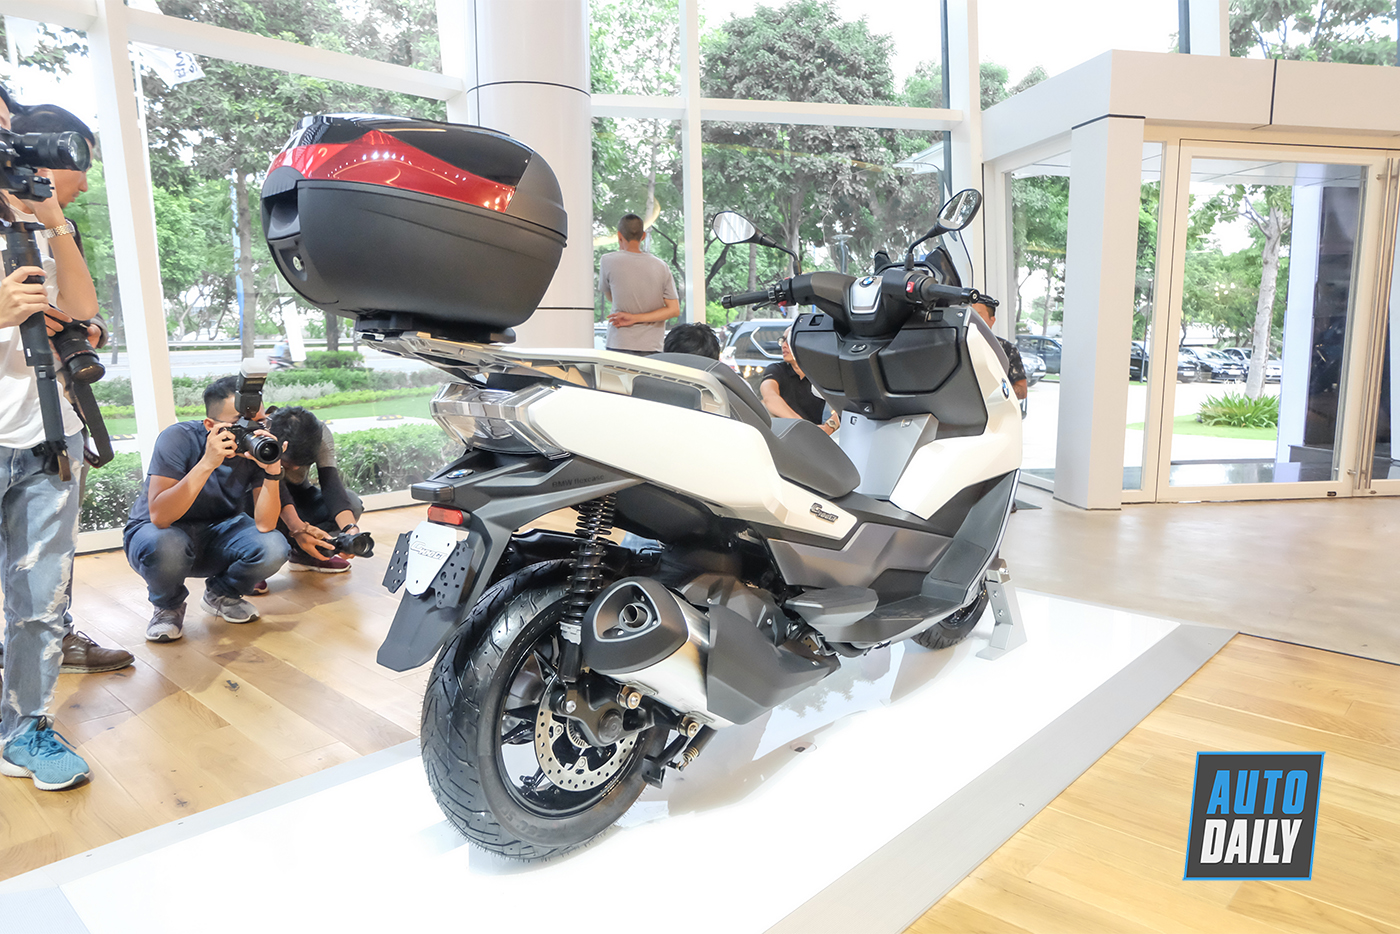 bmw-motorrad-c400gt-29.jpg